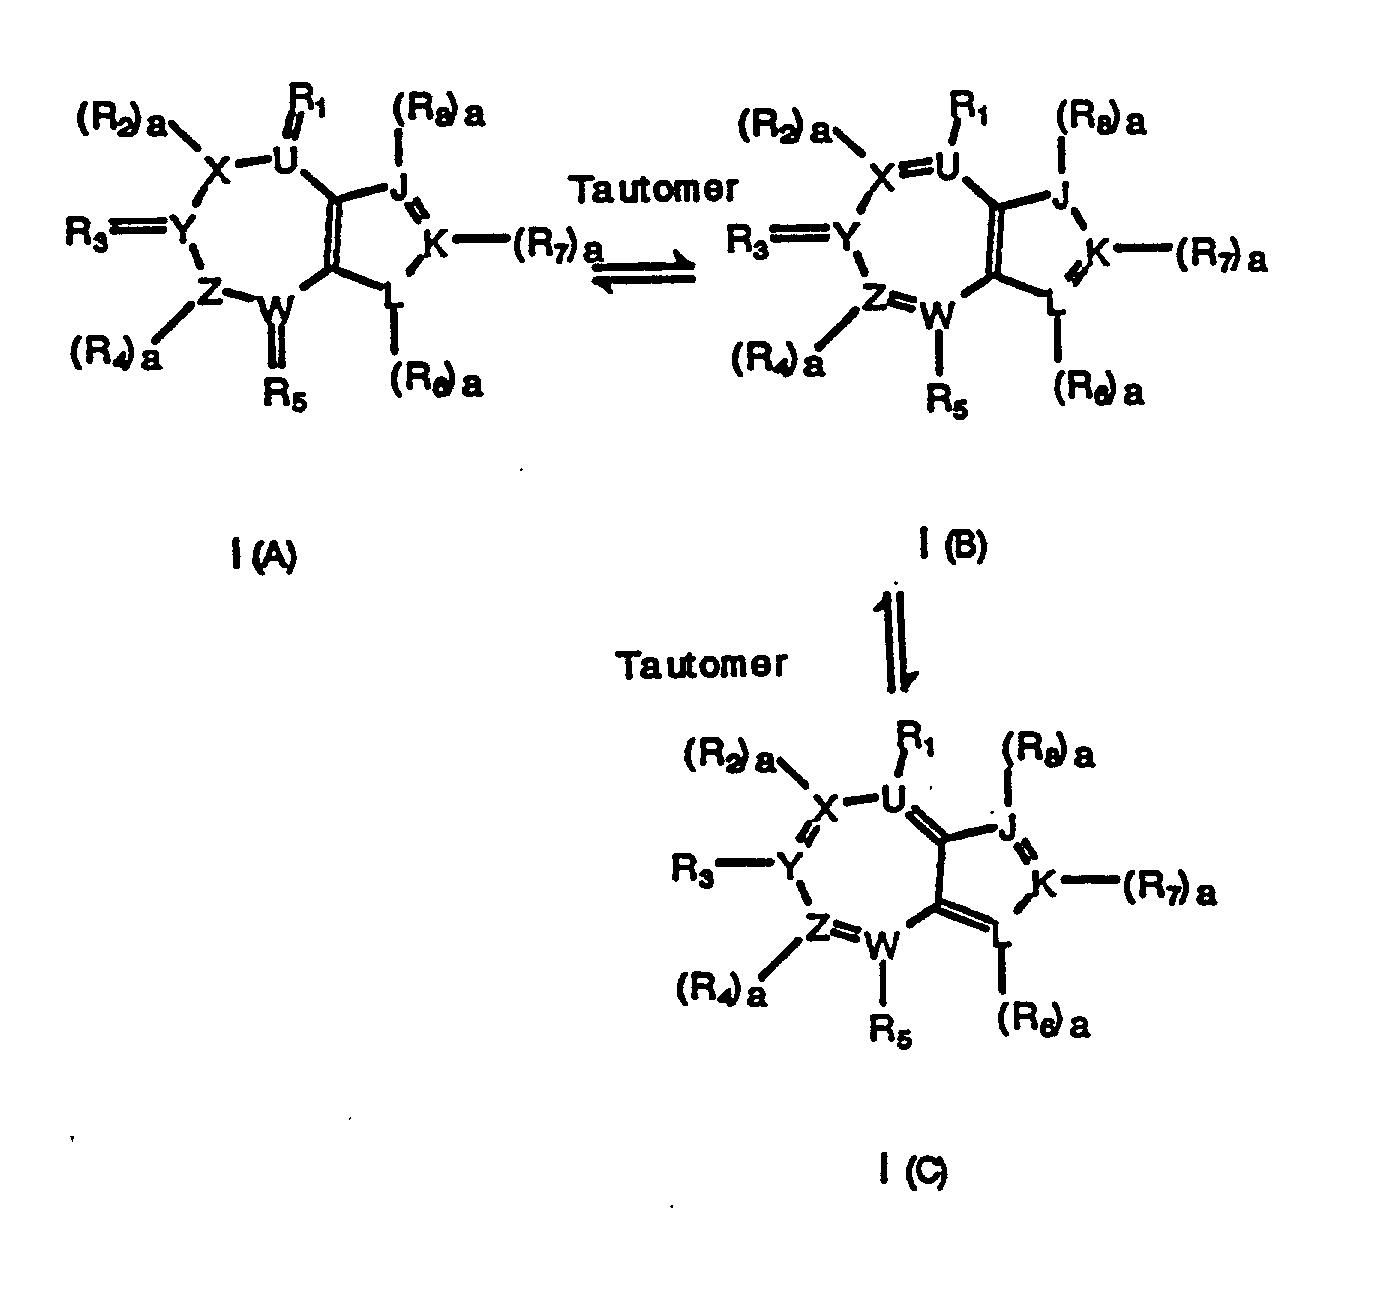 condensed structural formula dipeptide of glycylserine